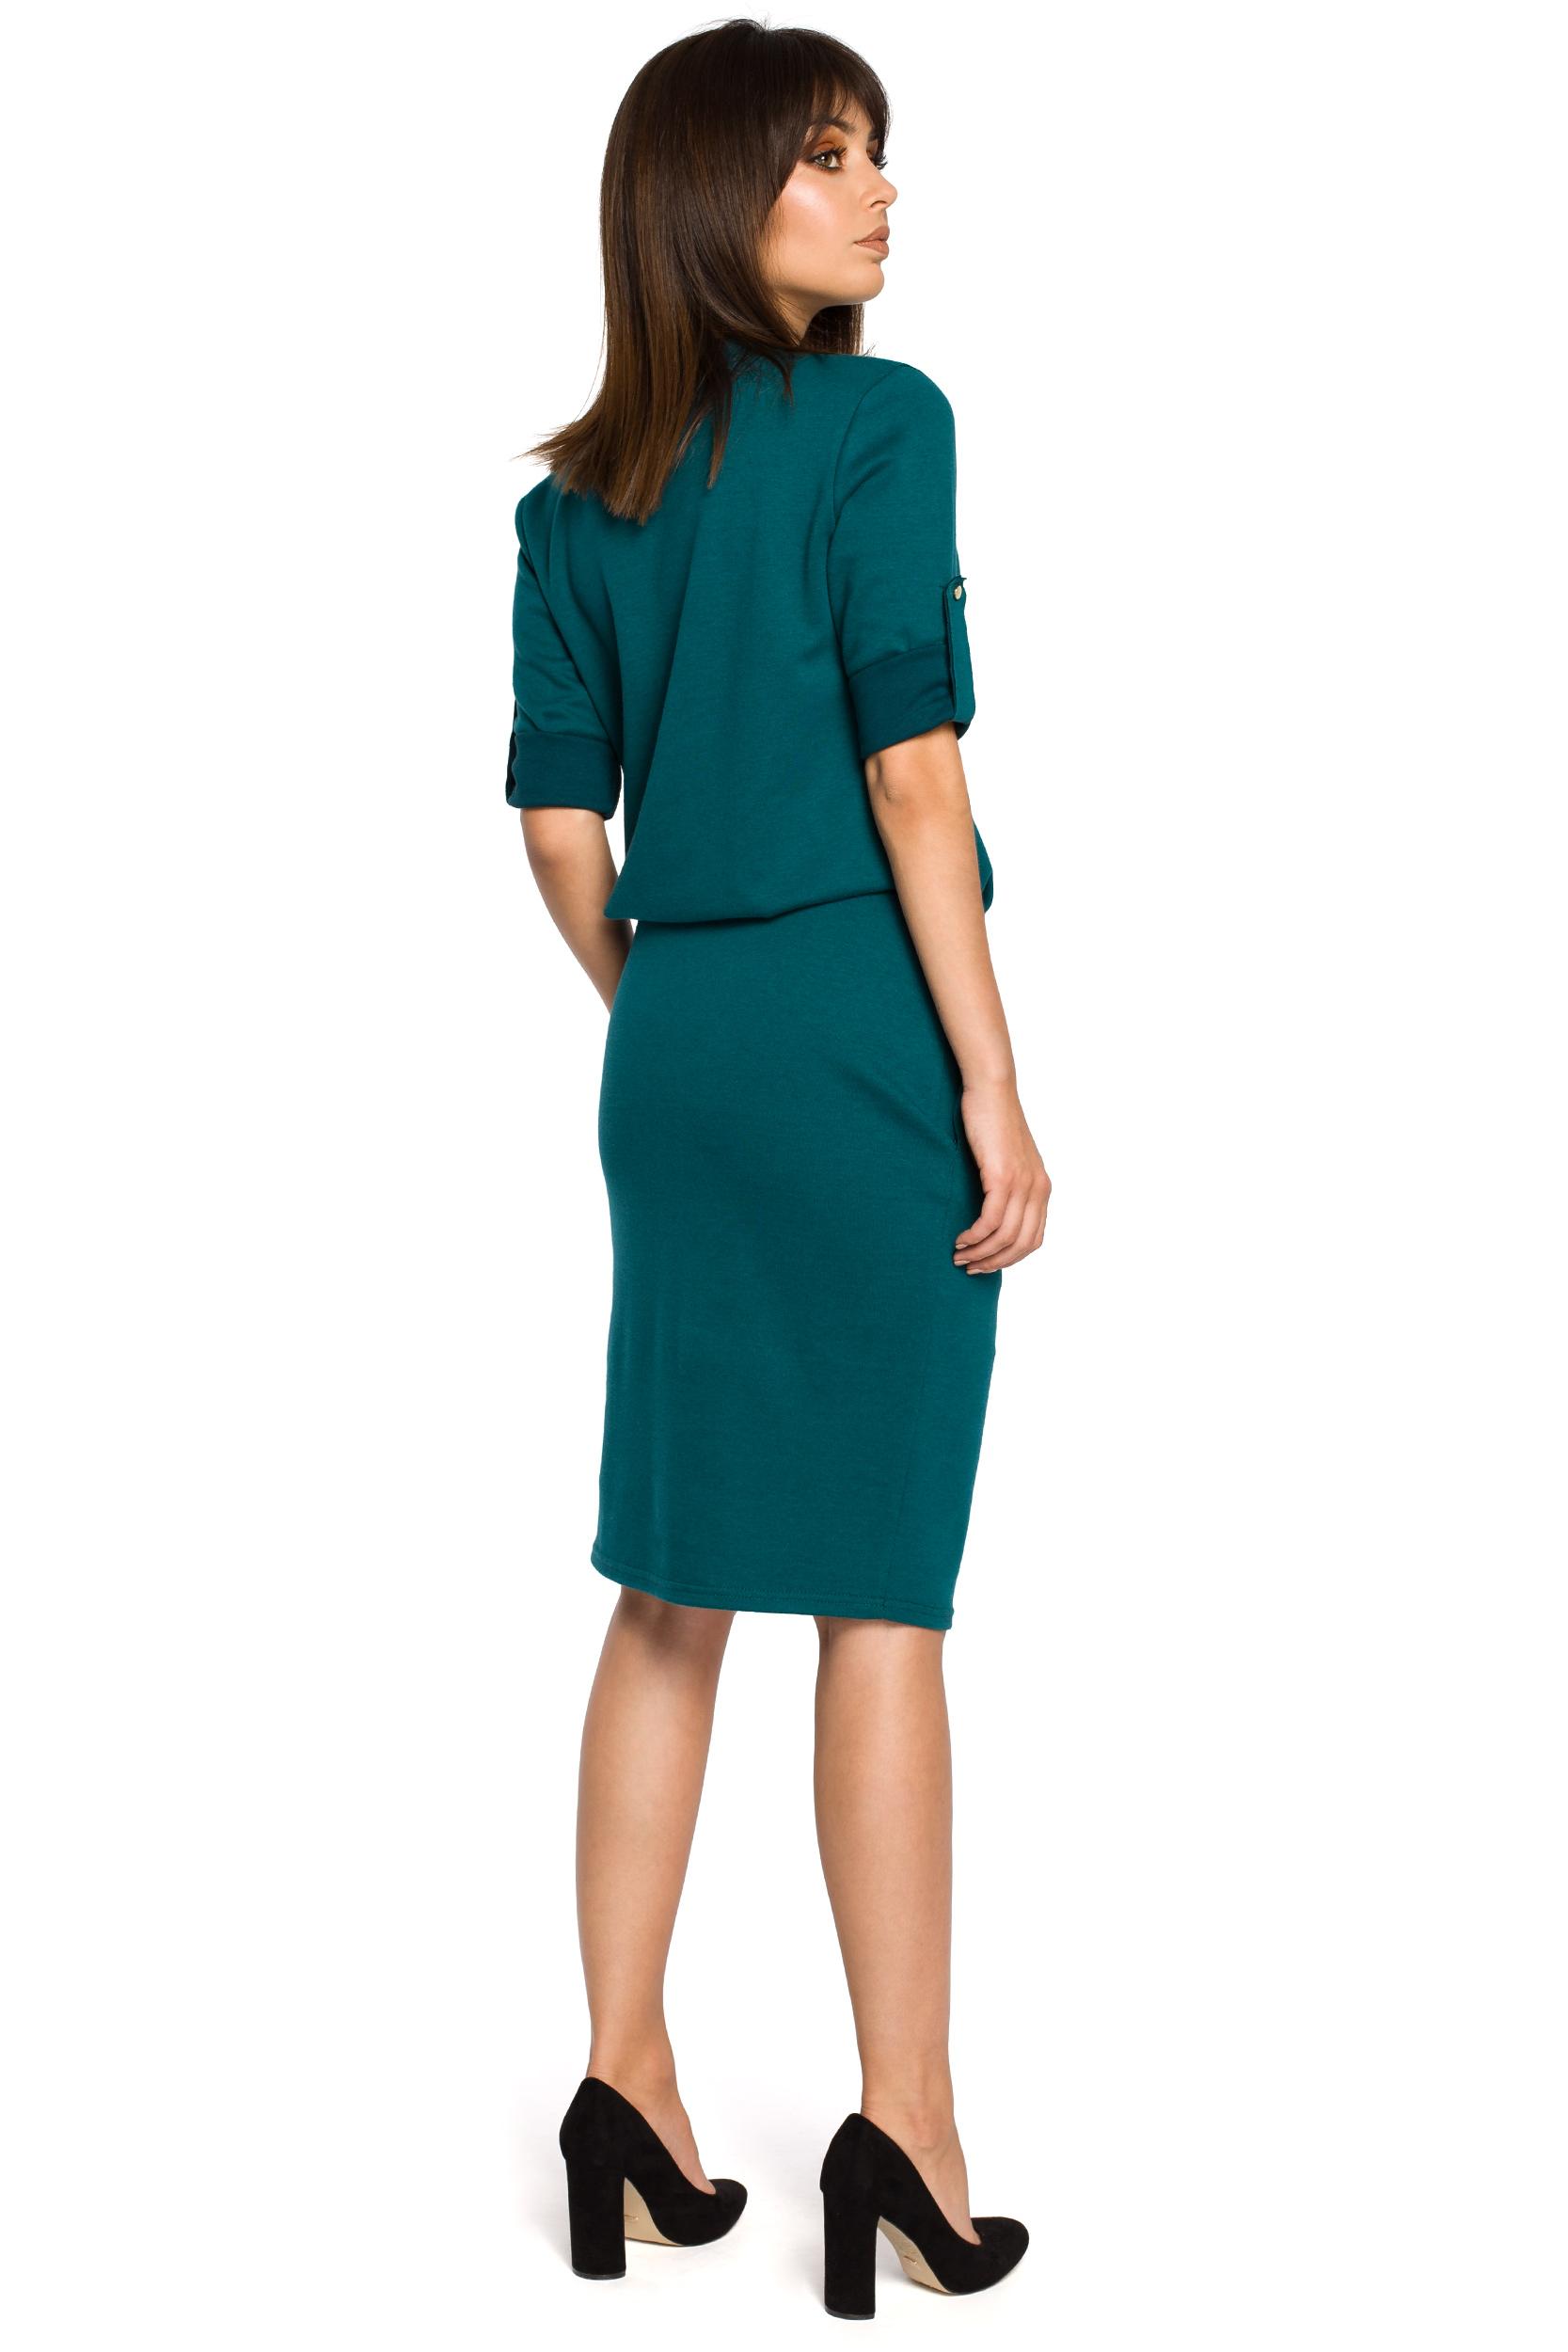 eabed67e Sukienka ołówkowa midi z wyjątkowym dekoltem zielona B056